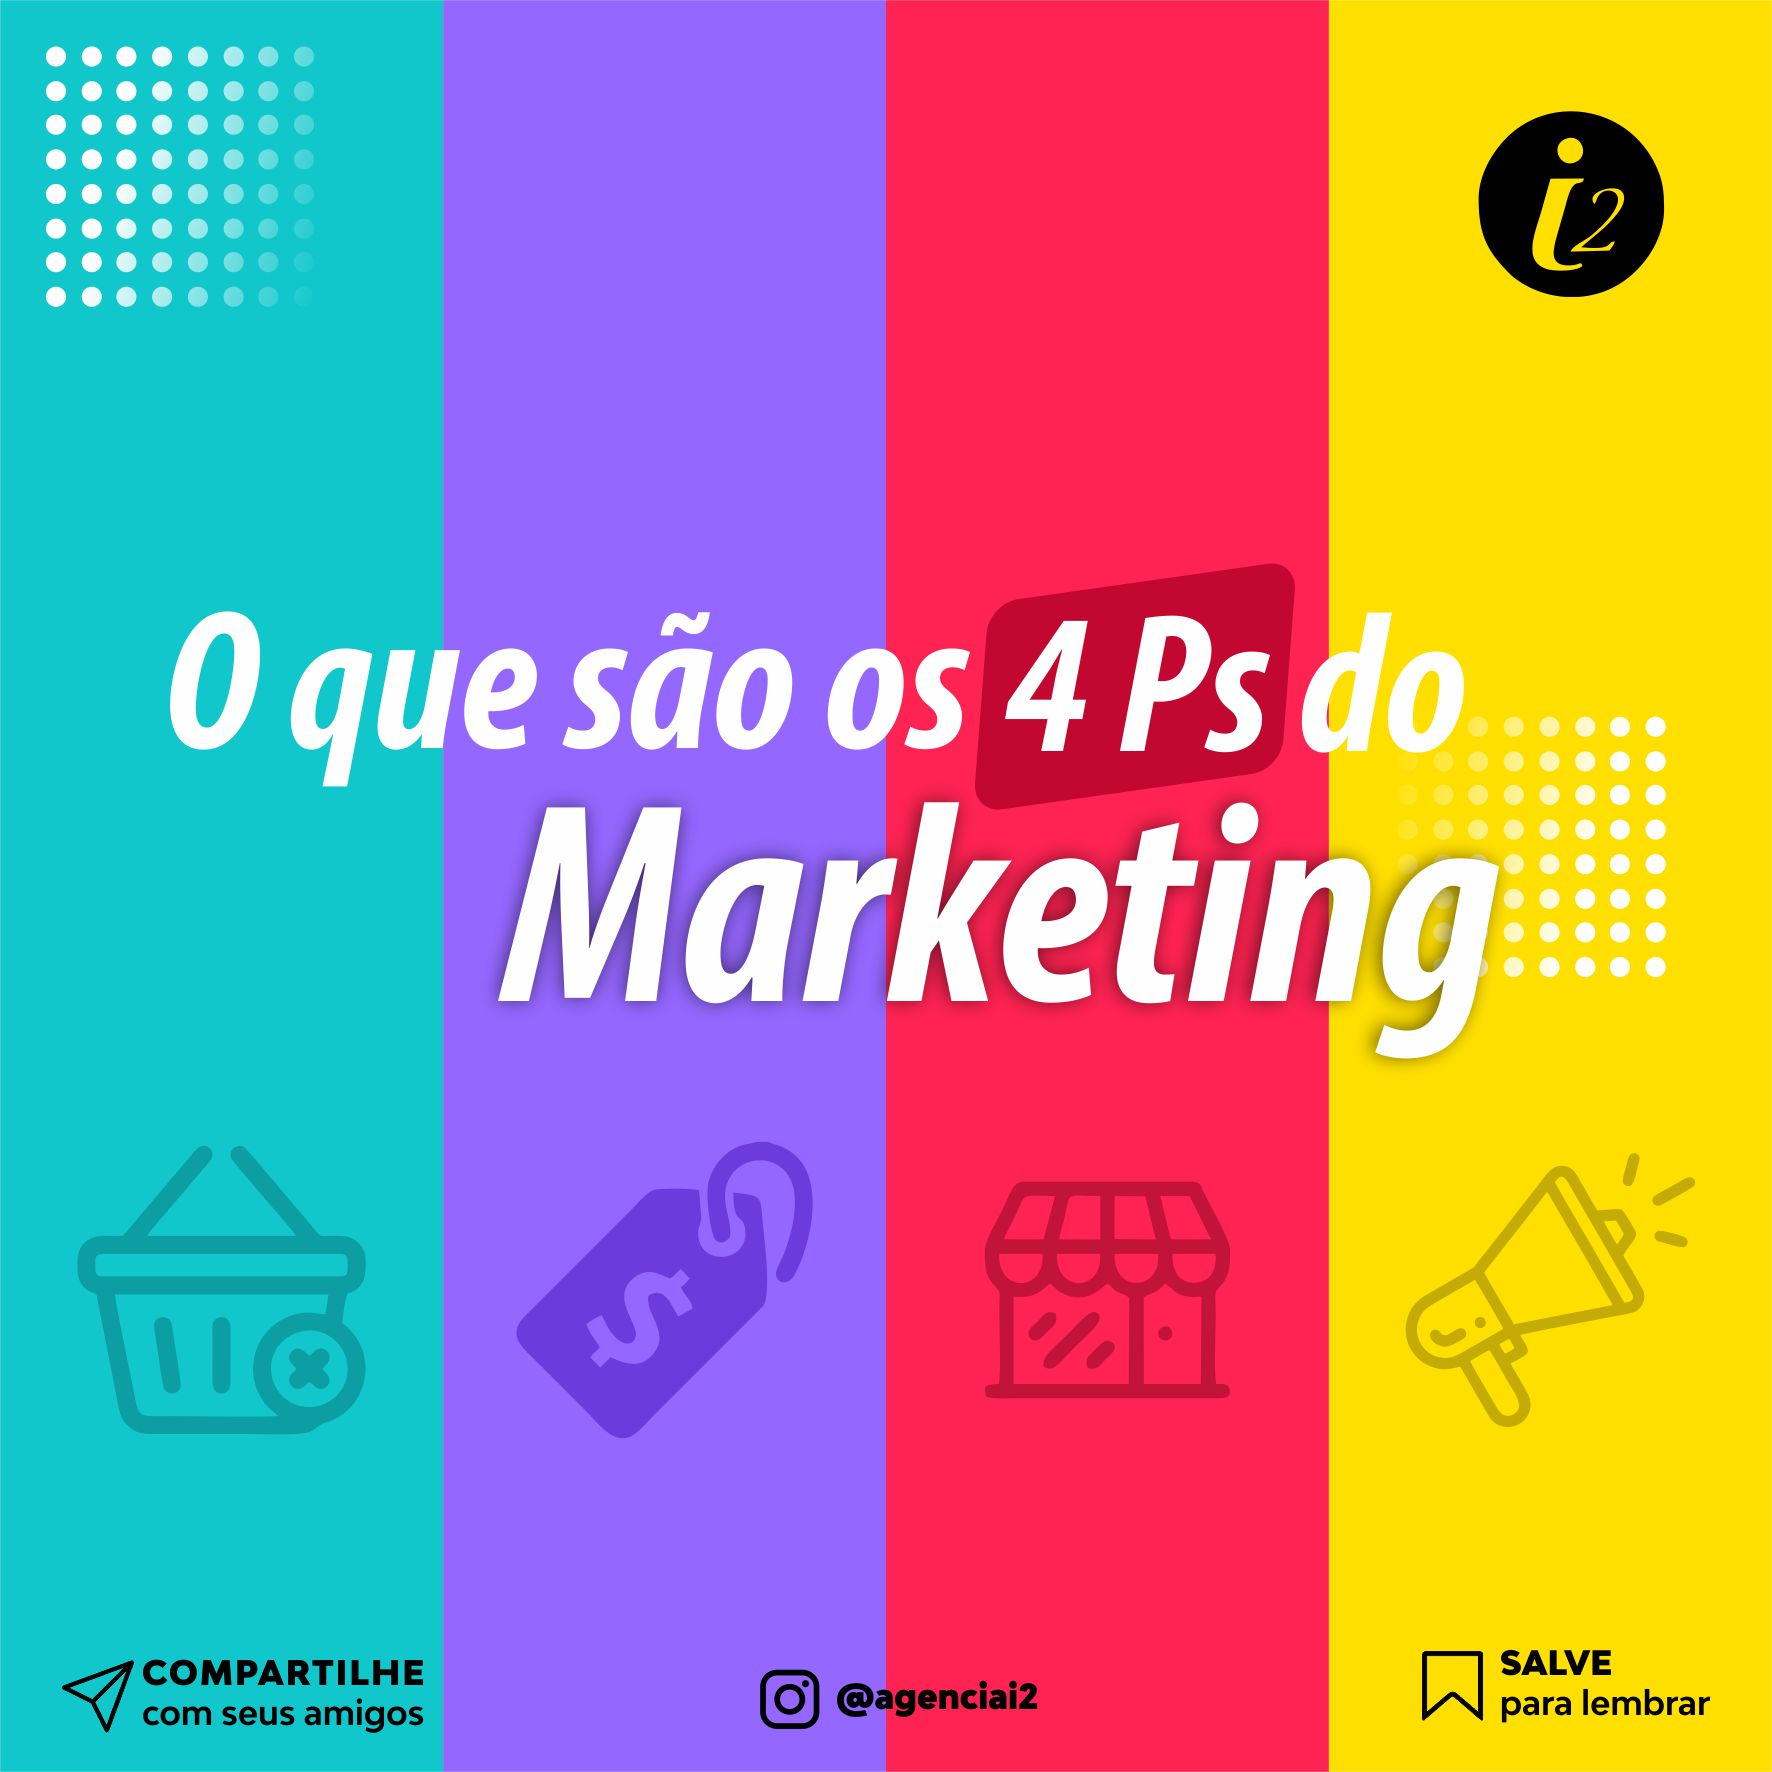 O que são os 4 P's do Marketing?